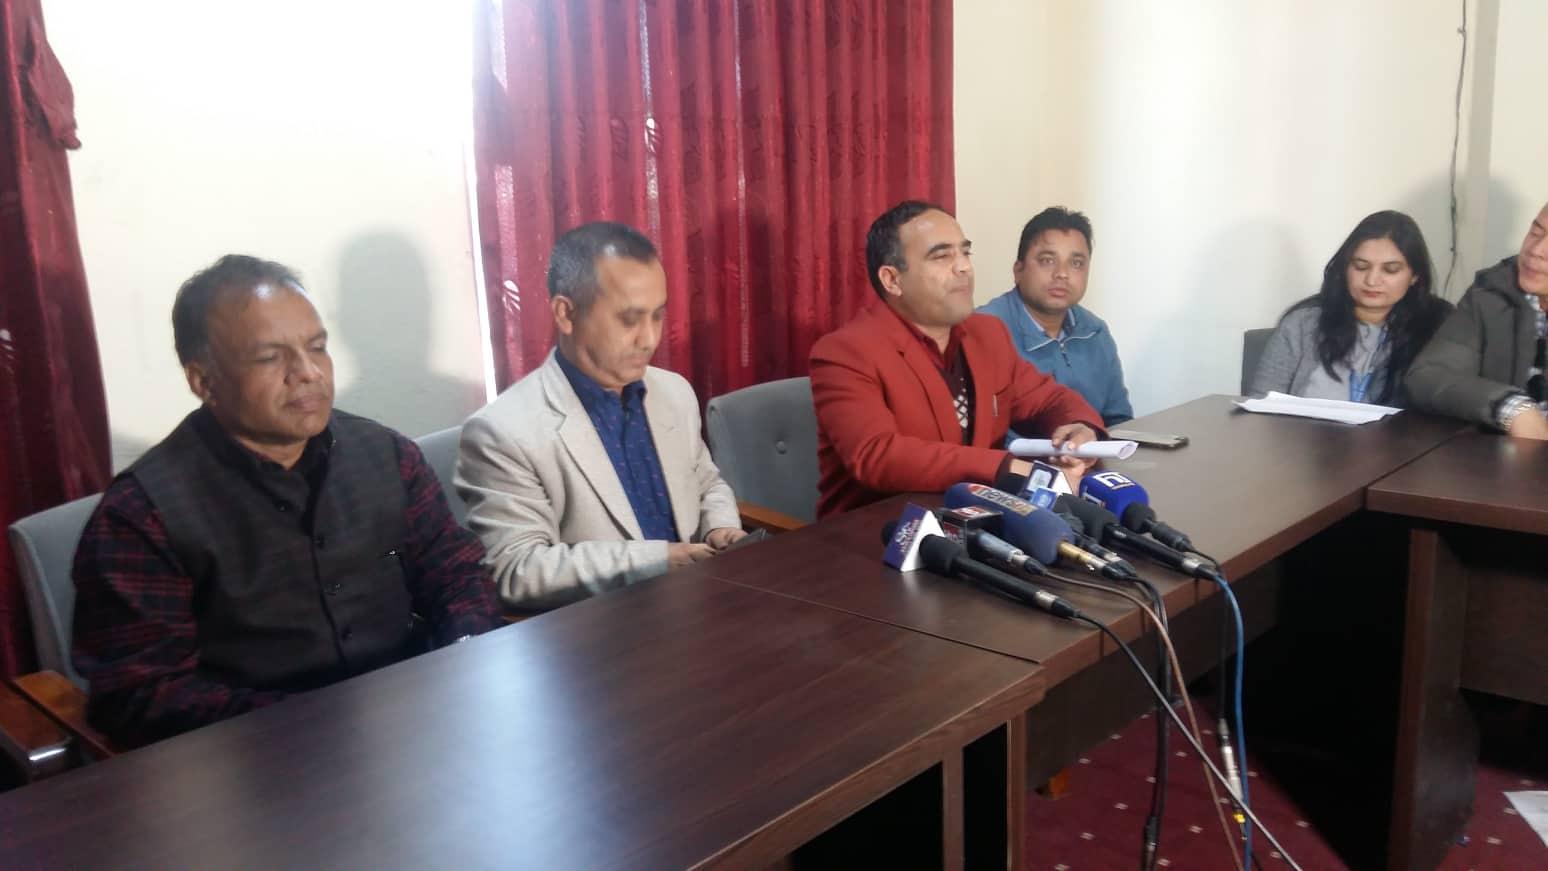 नेपाल विद्यार्थी संघका सभापति नैनसिंह महरले पदबाट राजीनामा